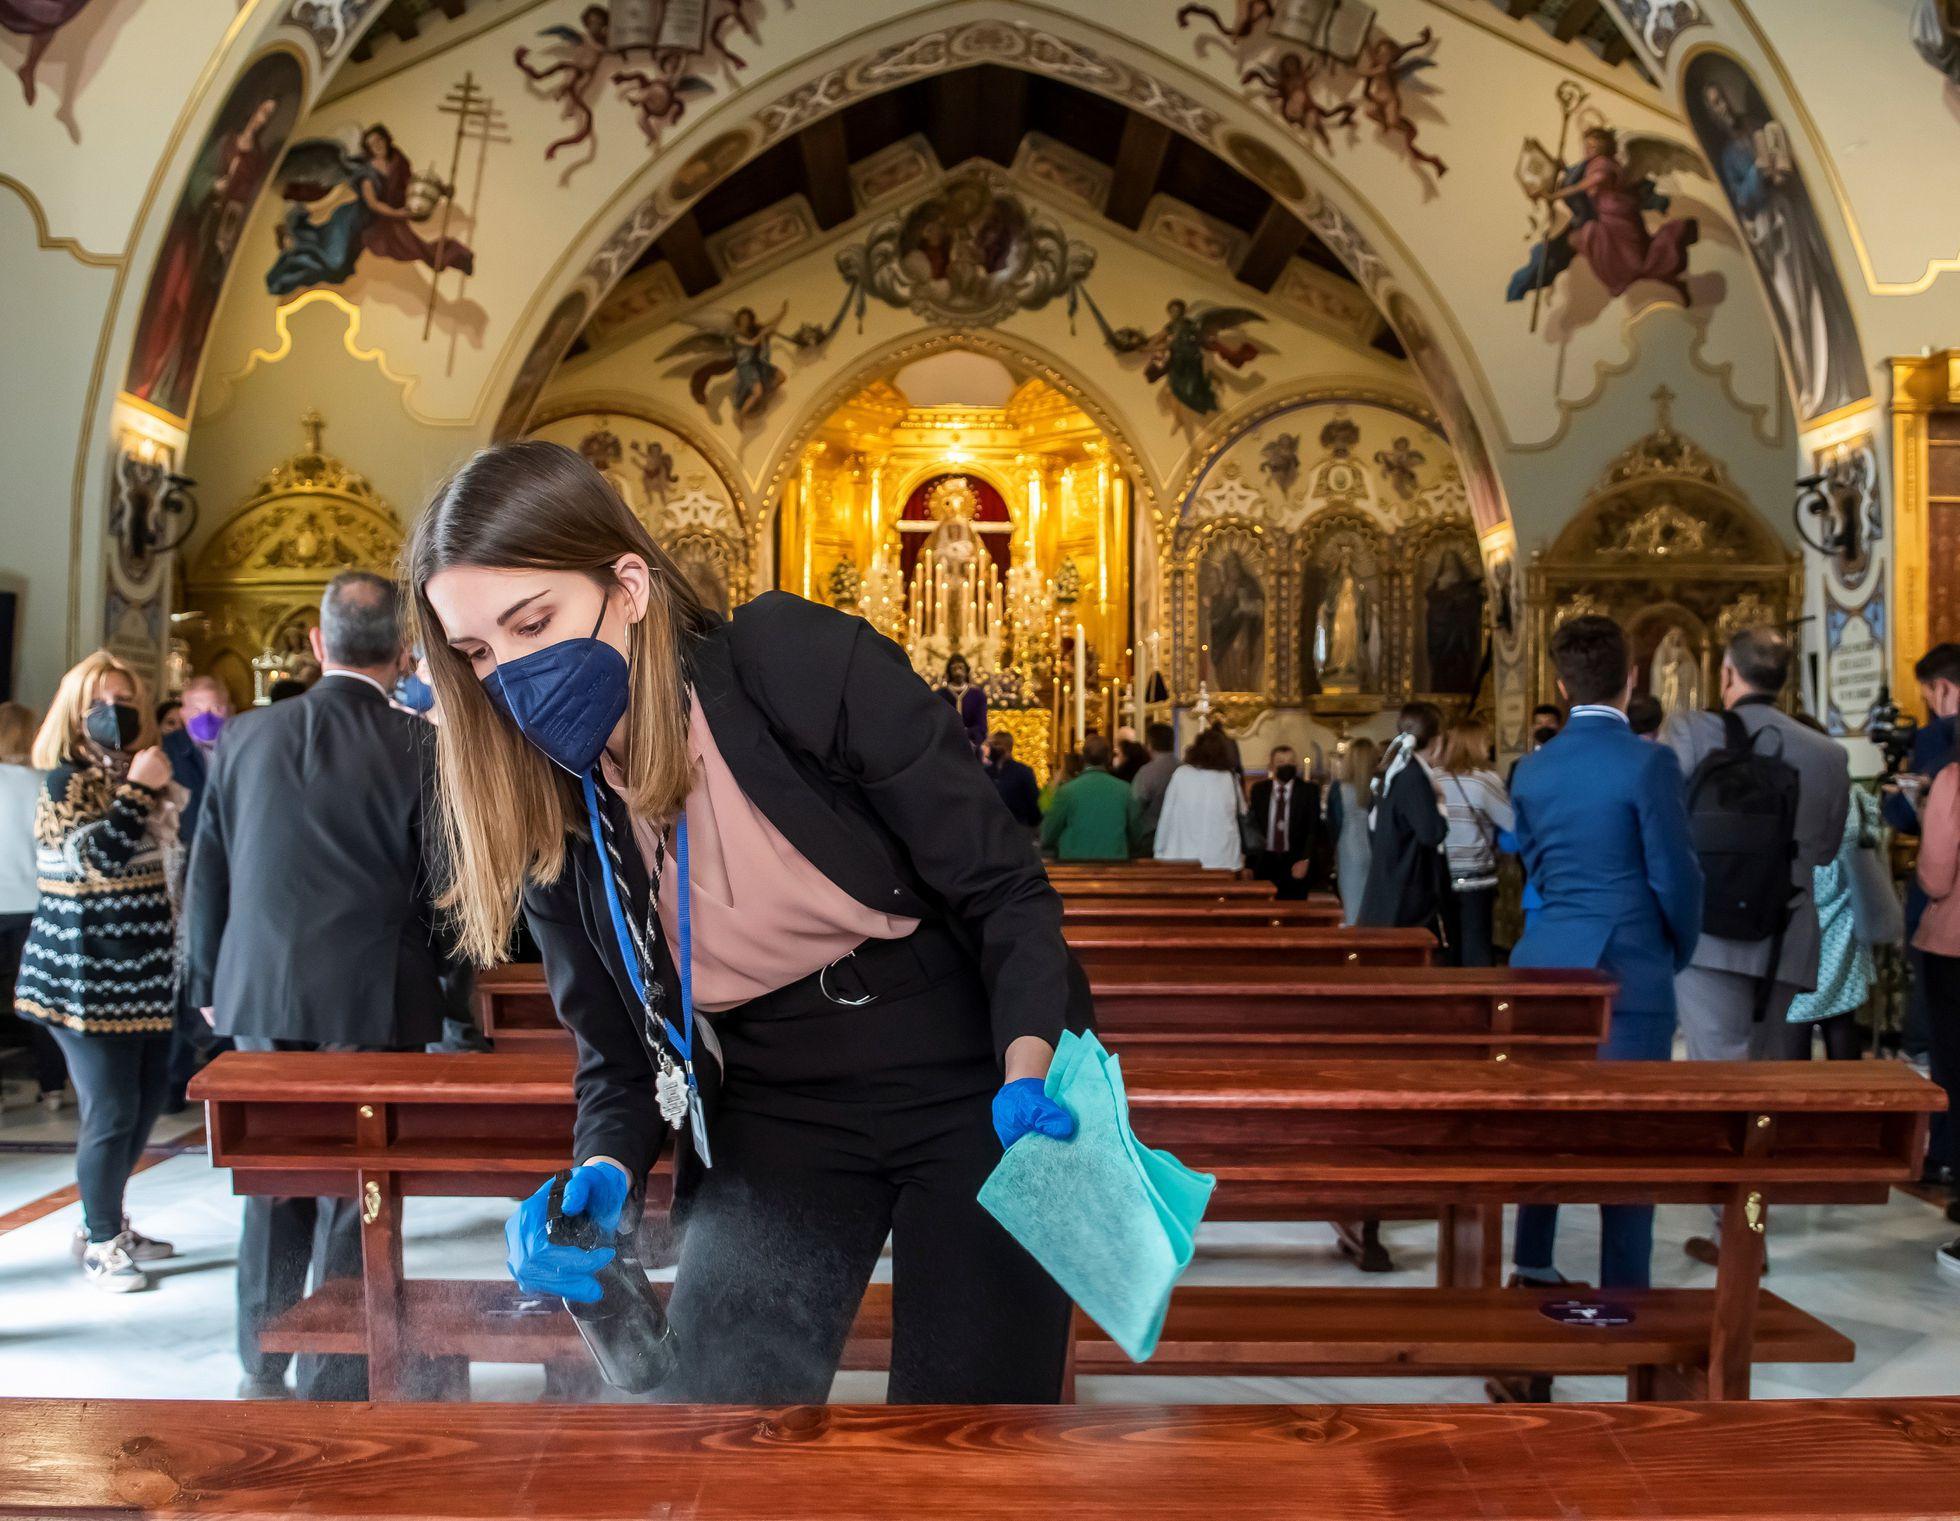 Jovem desinfeta os bancos da igreja de Santa Genoveva, em Sevilha - RAÚL CARO / EFE